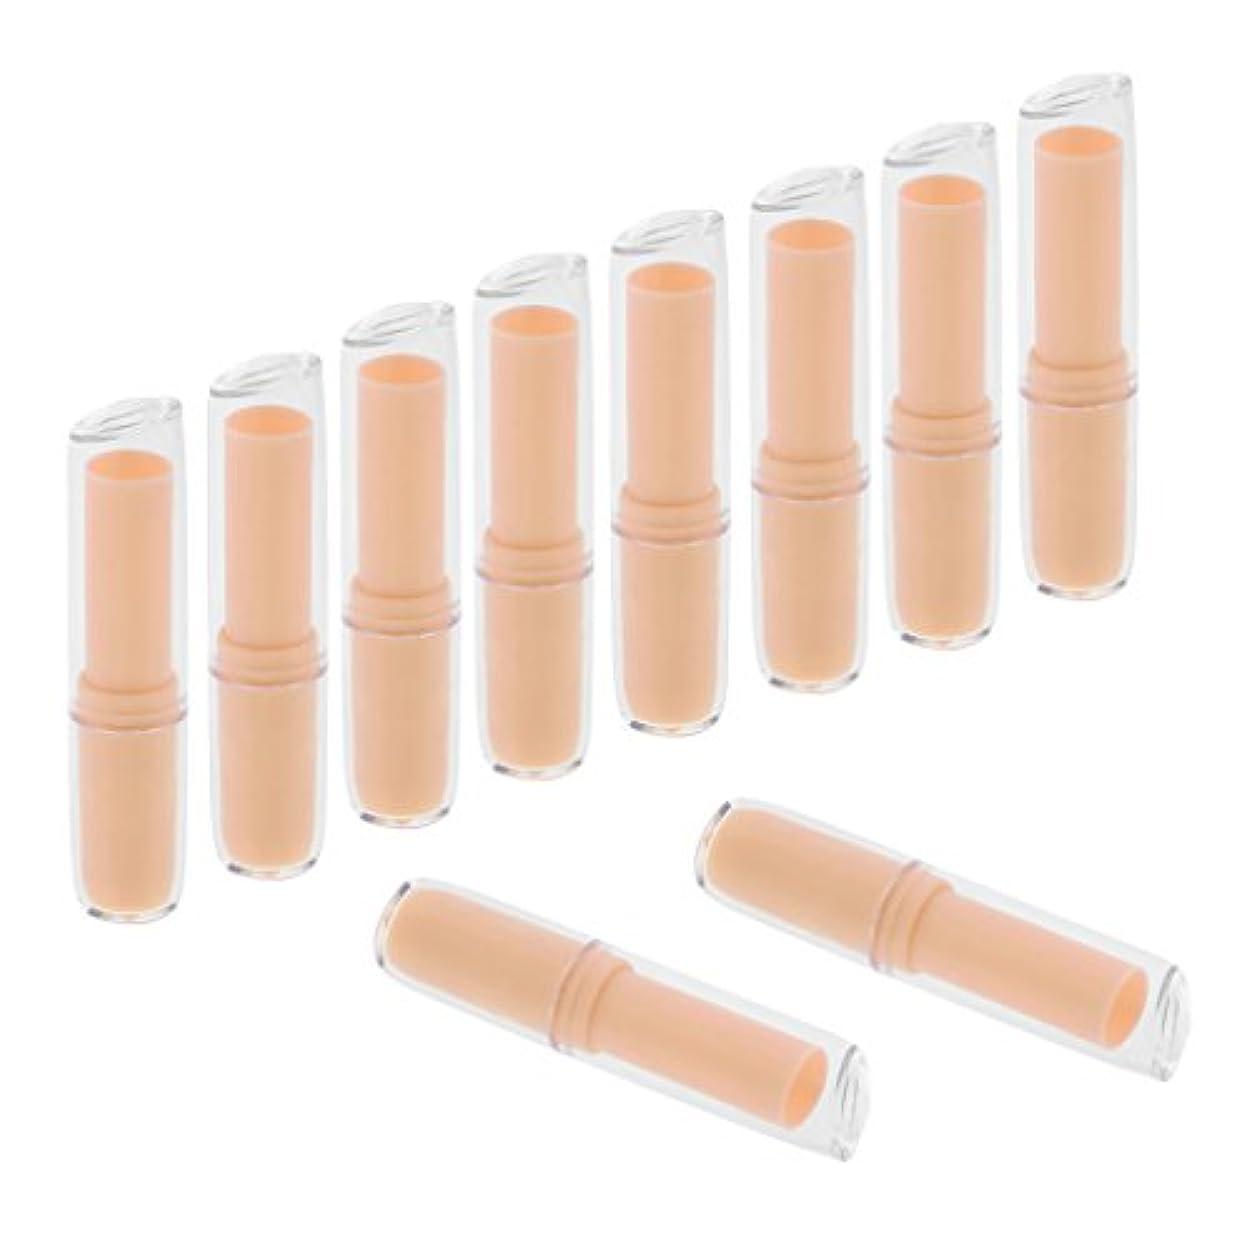 事故操作可能滑るリップクリームチューブ 口紅容器 口紅チューブ リップクリーム容器 プラスチック材質 約10個 全6色 - オレンジ